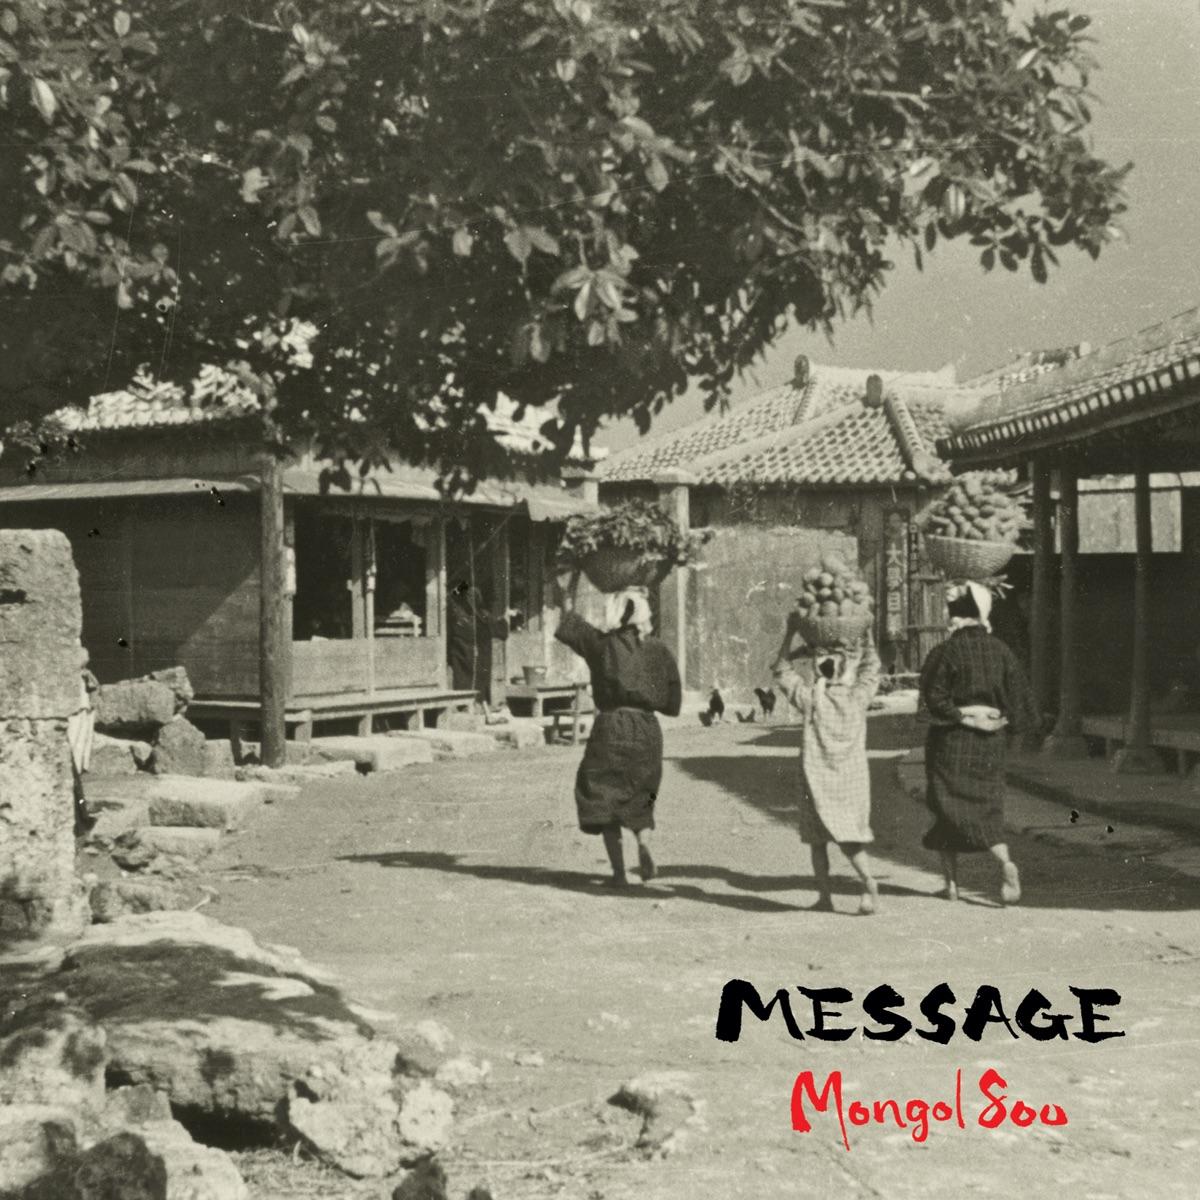 『MONGOL800 - あなたに』収録の『MESSAGE』ジャケット